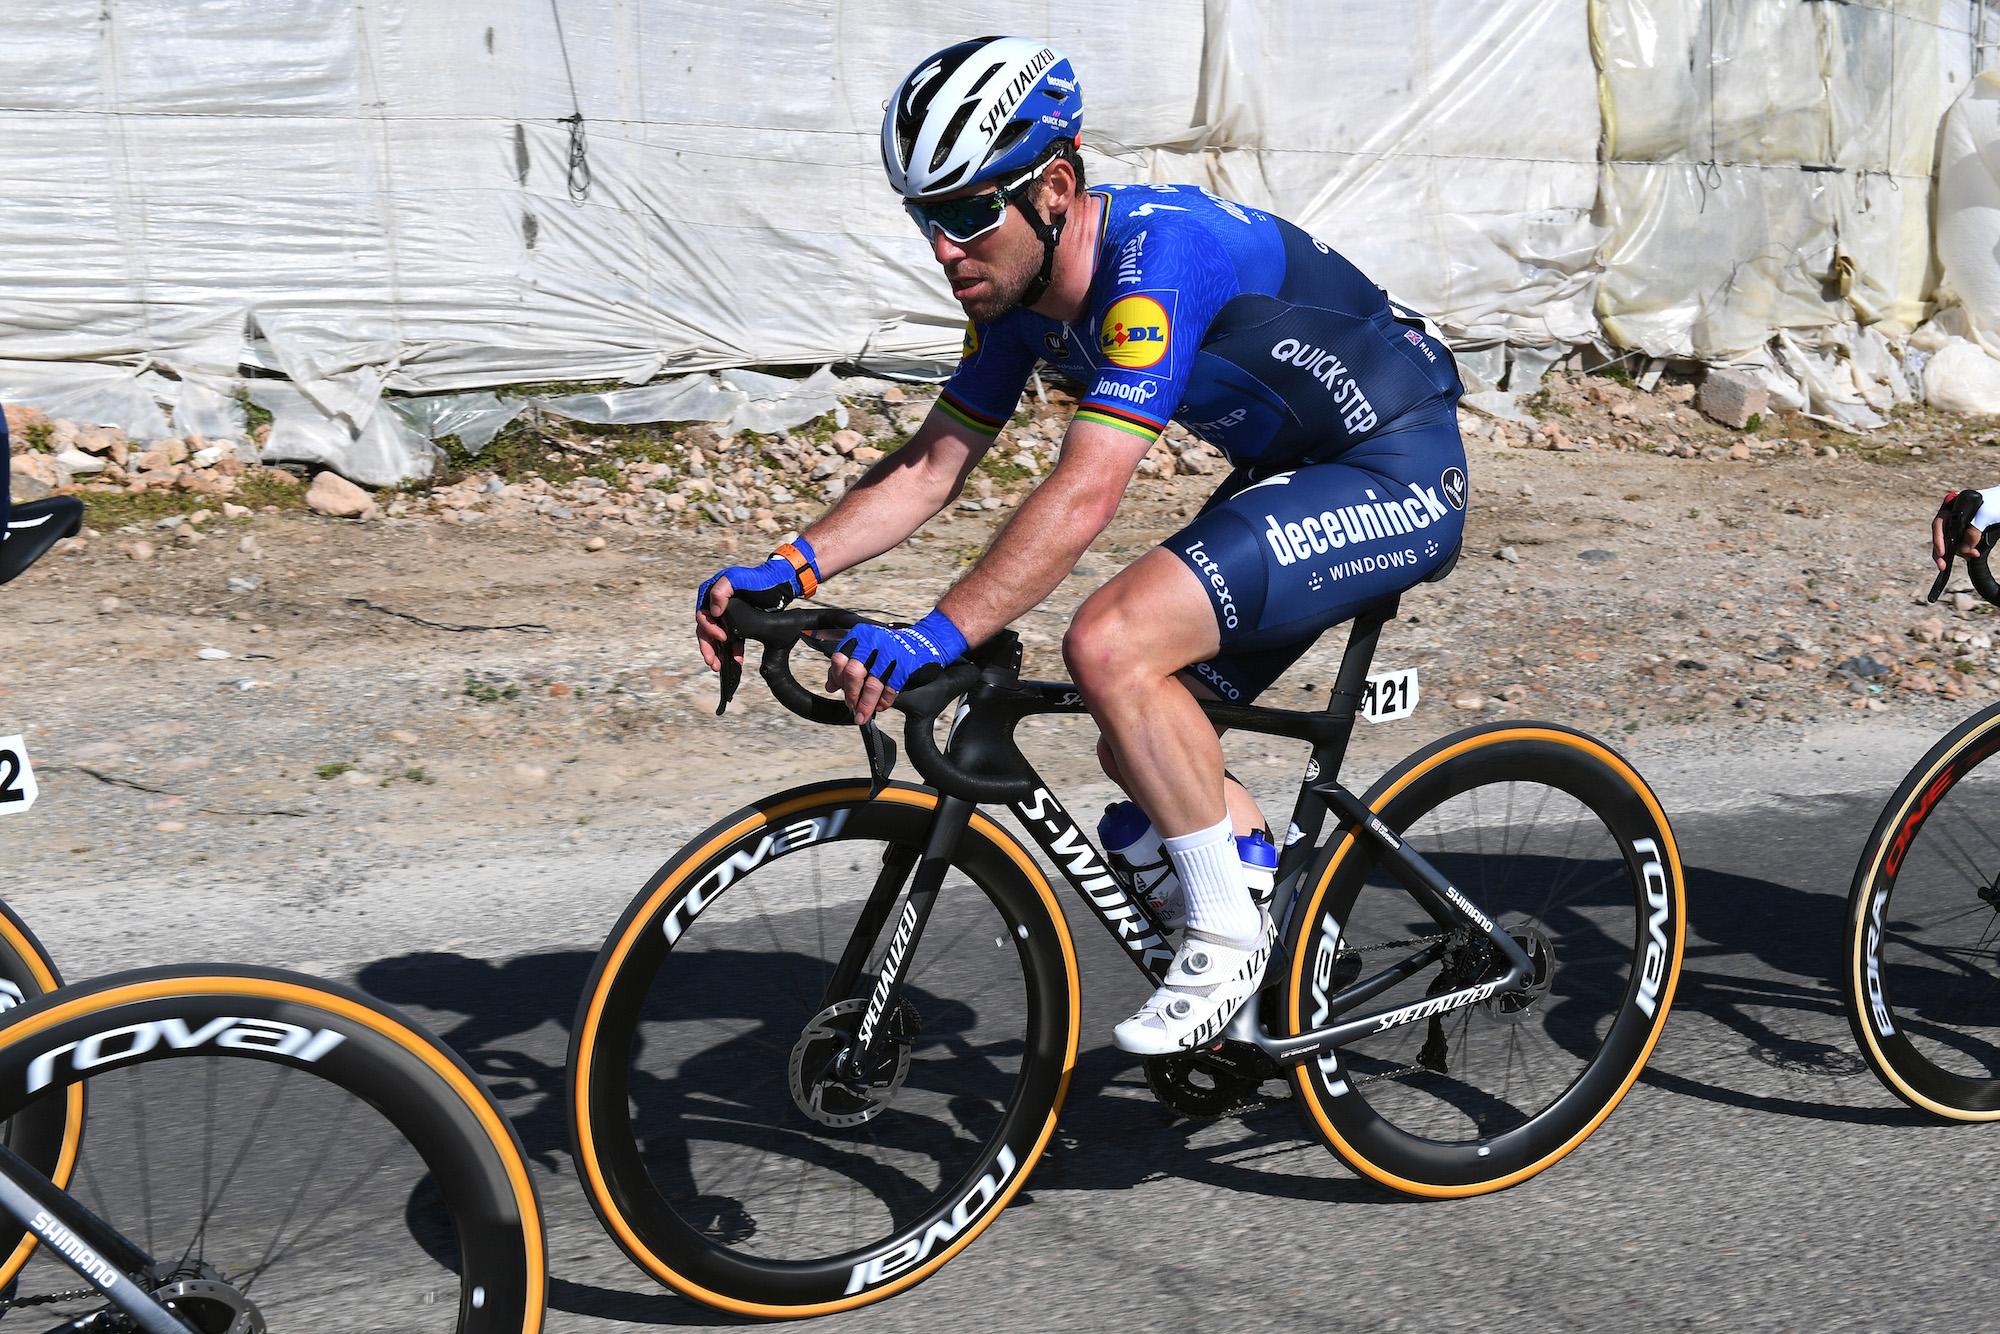 'Føles som en ren cykelracer igen' – Mark Cavendish er glad for at køre igen med Deceuninck – Quick-Step, på trods af mekanisk